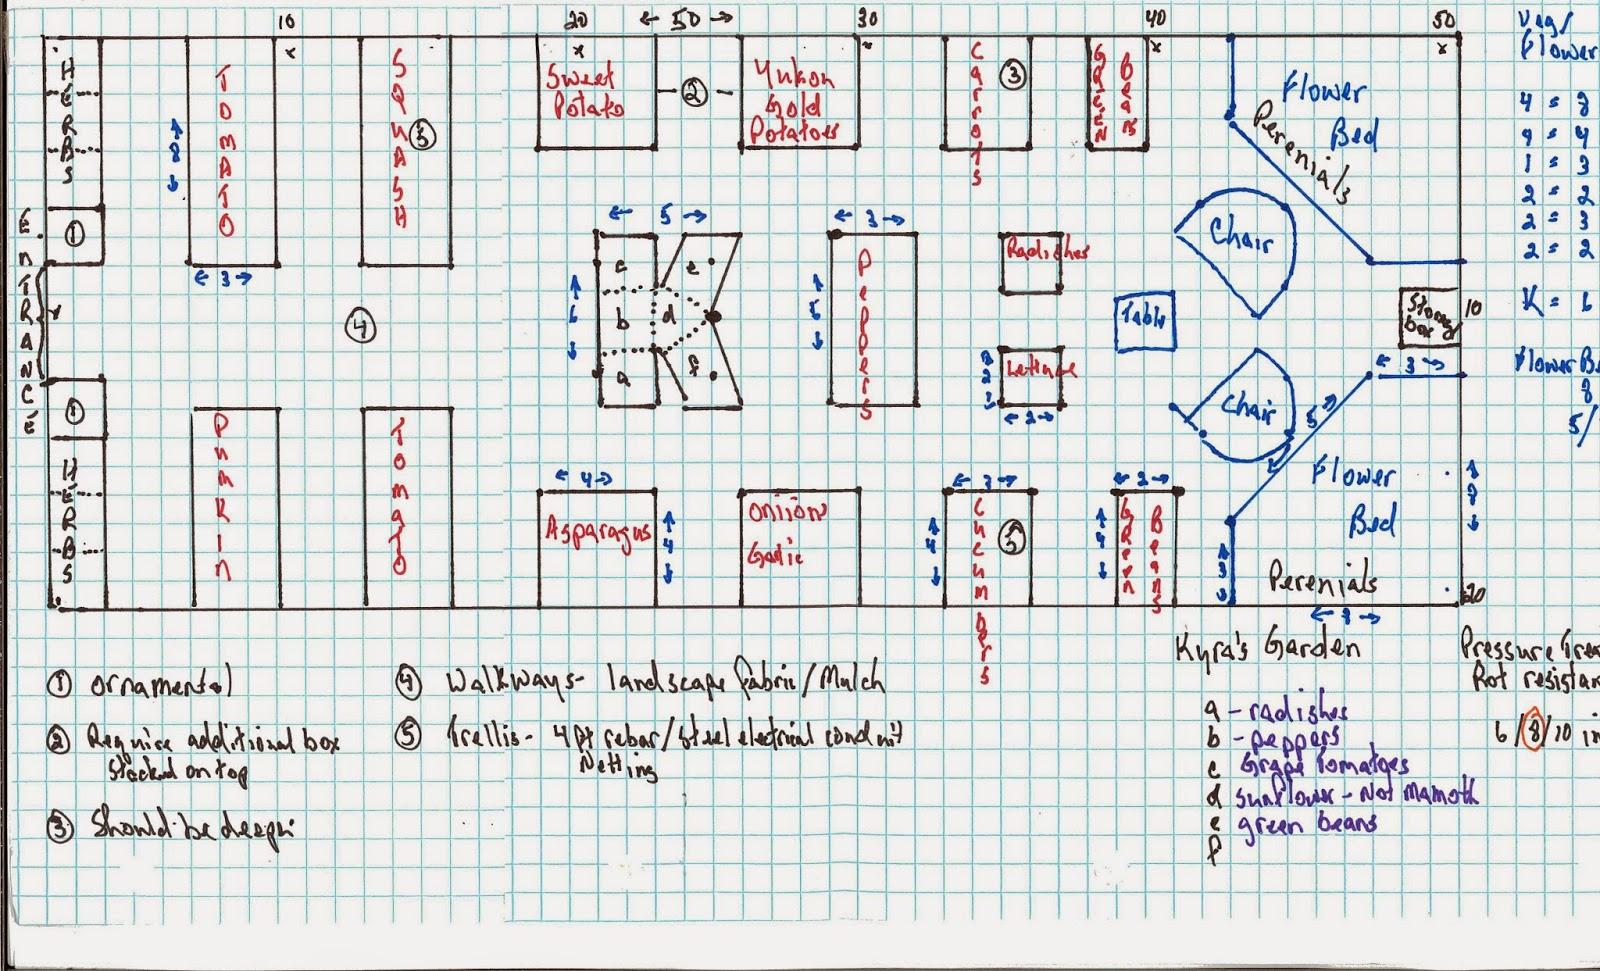 garden design grid 1 acre garden design garden ideas and garden design garden design grid - Interior Design Graph Paper